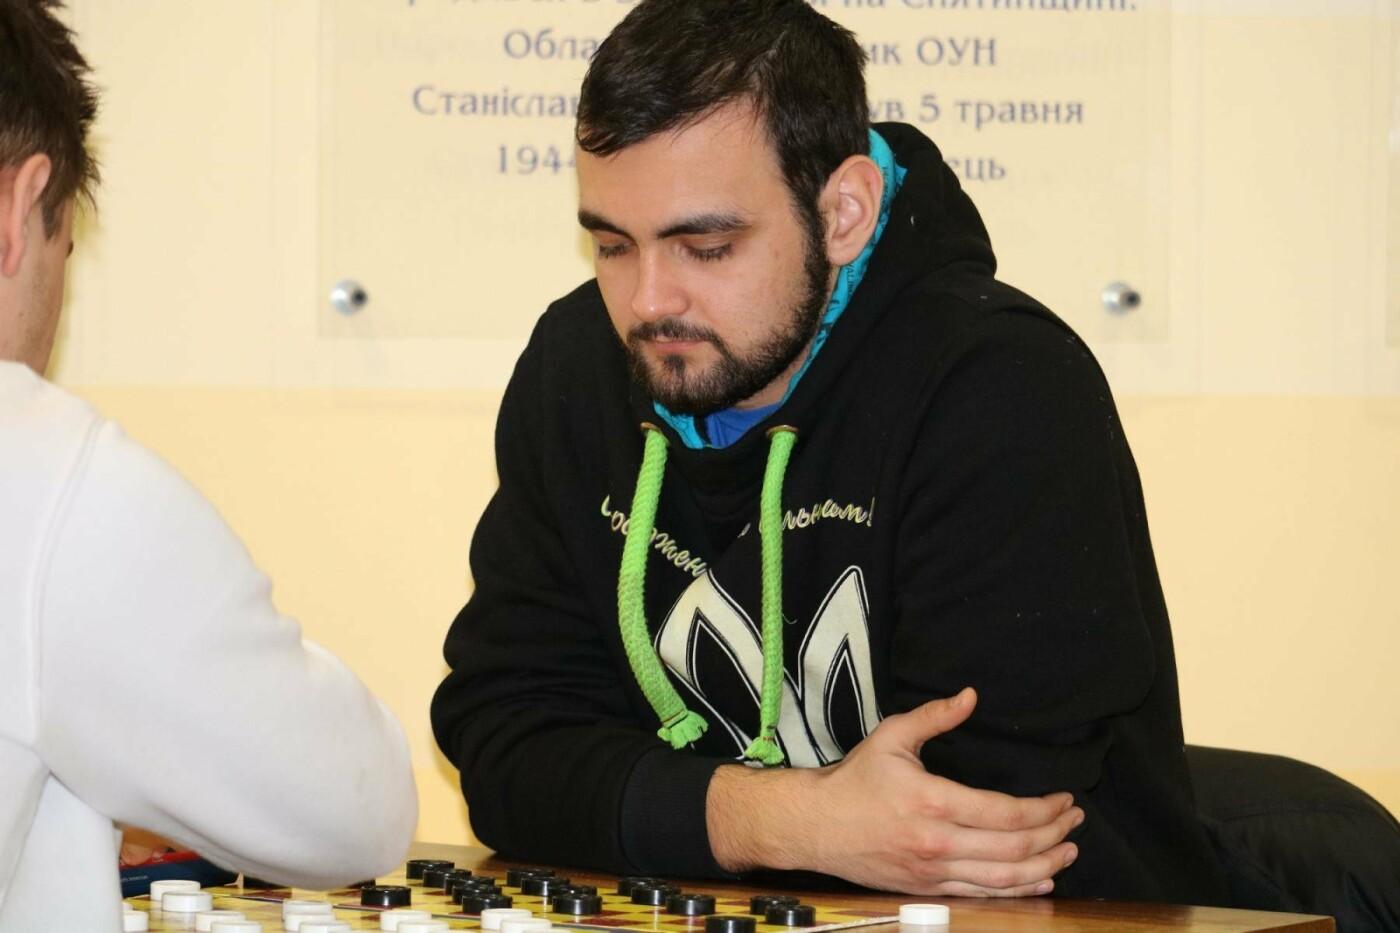 Каменчане завоевали 20 медалей чемпионата Украины по шашкам, фото-2